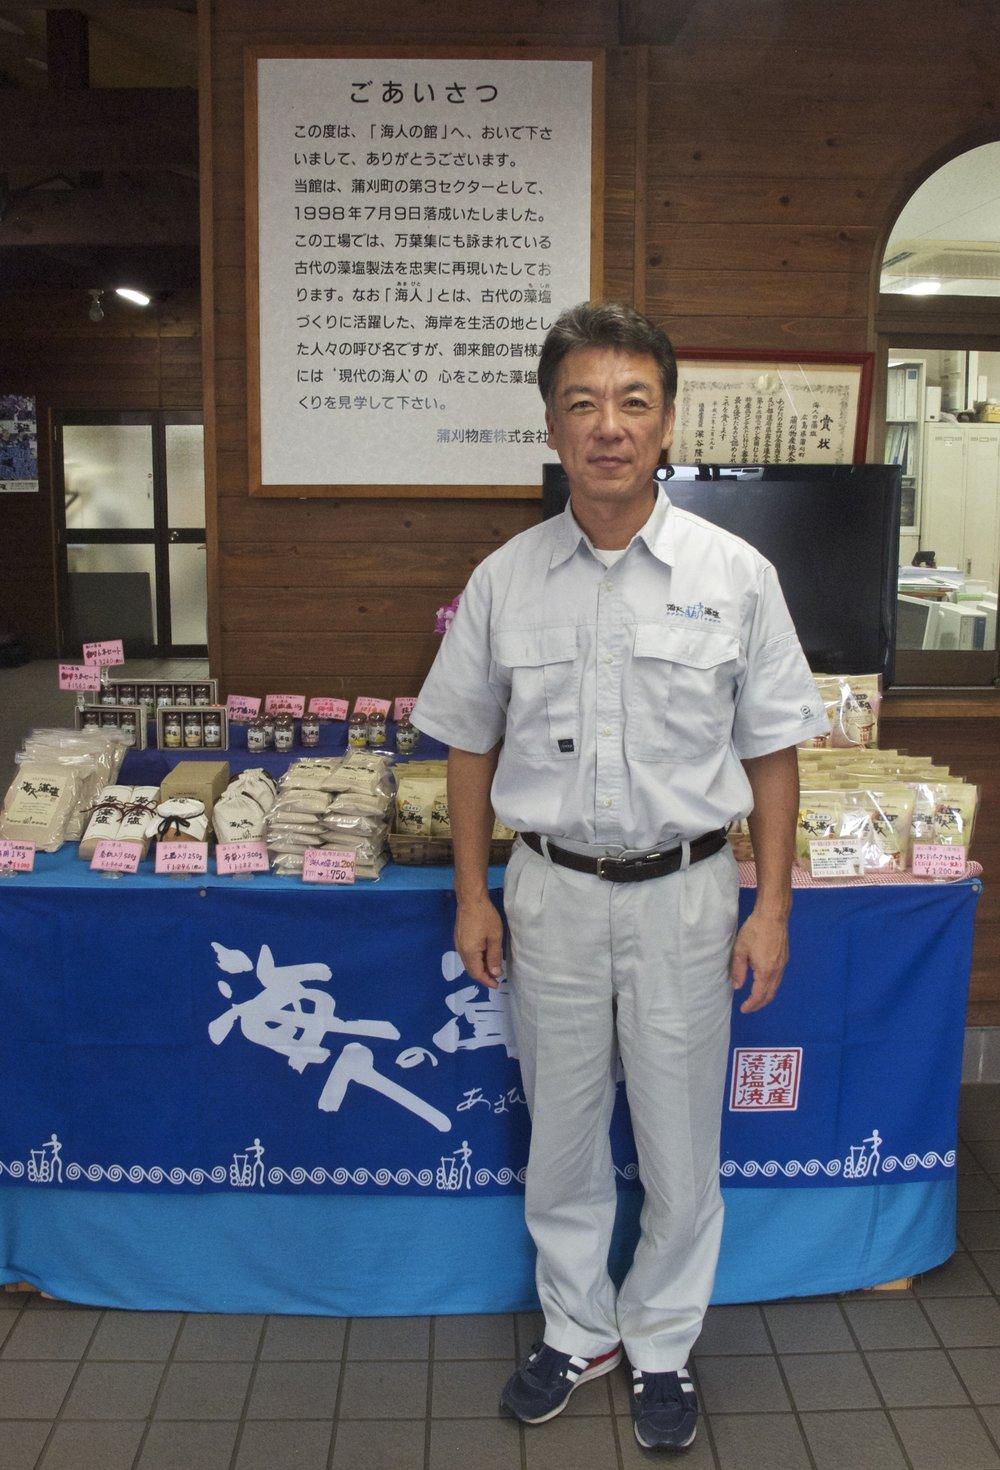 Oomi Takahashi